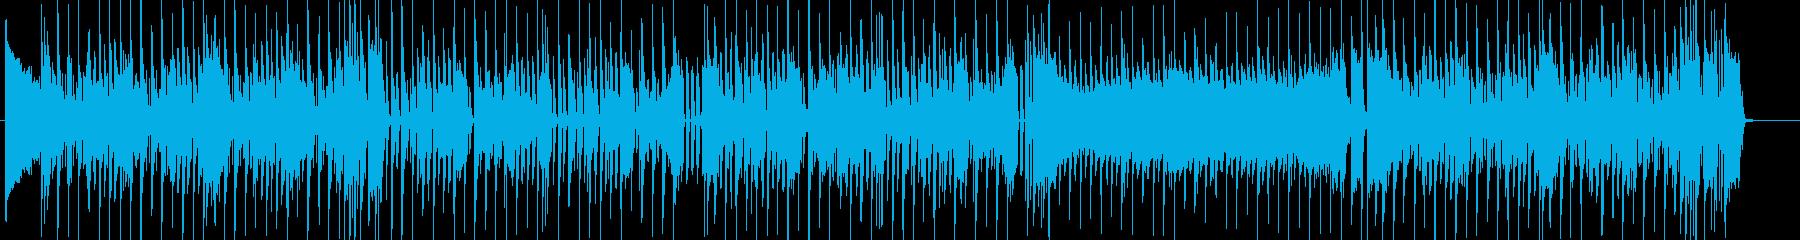 生サックス お洒落なエレクトロスウィングの再生済みの波形